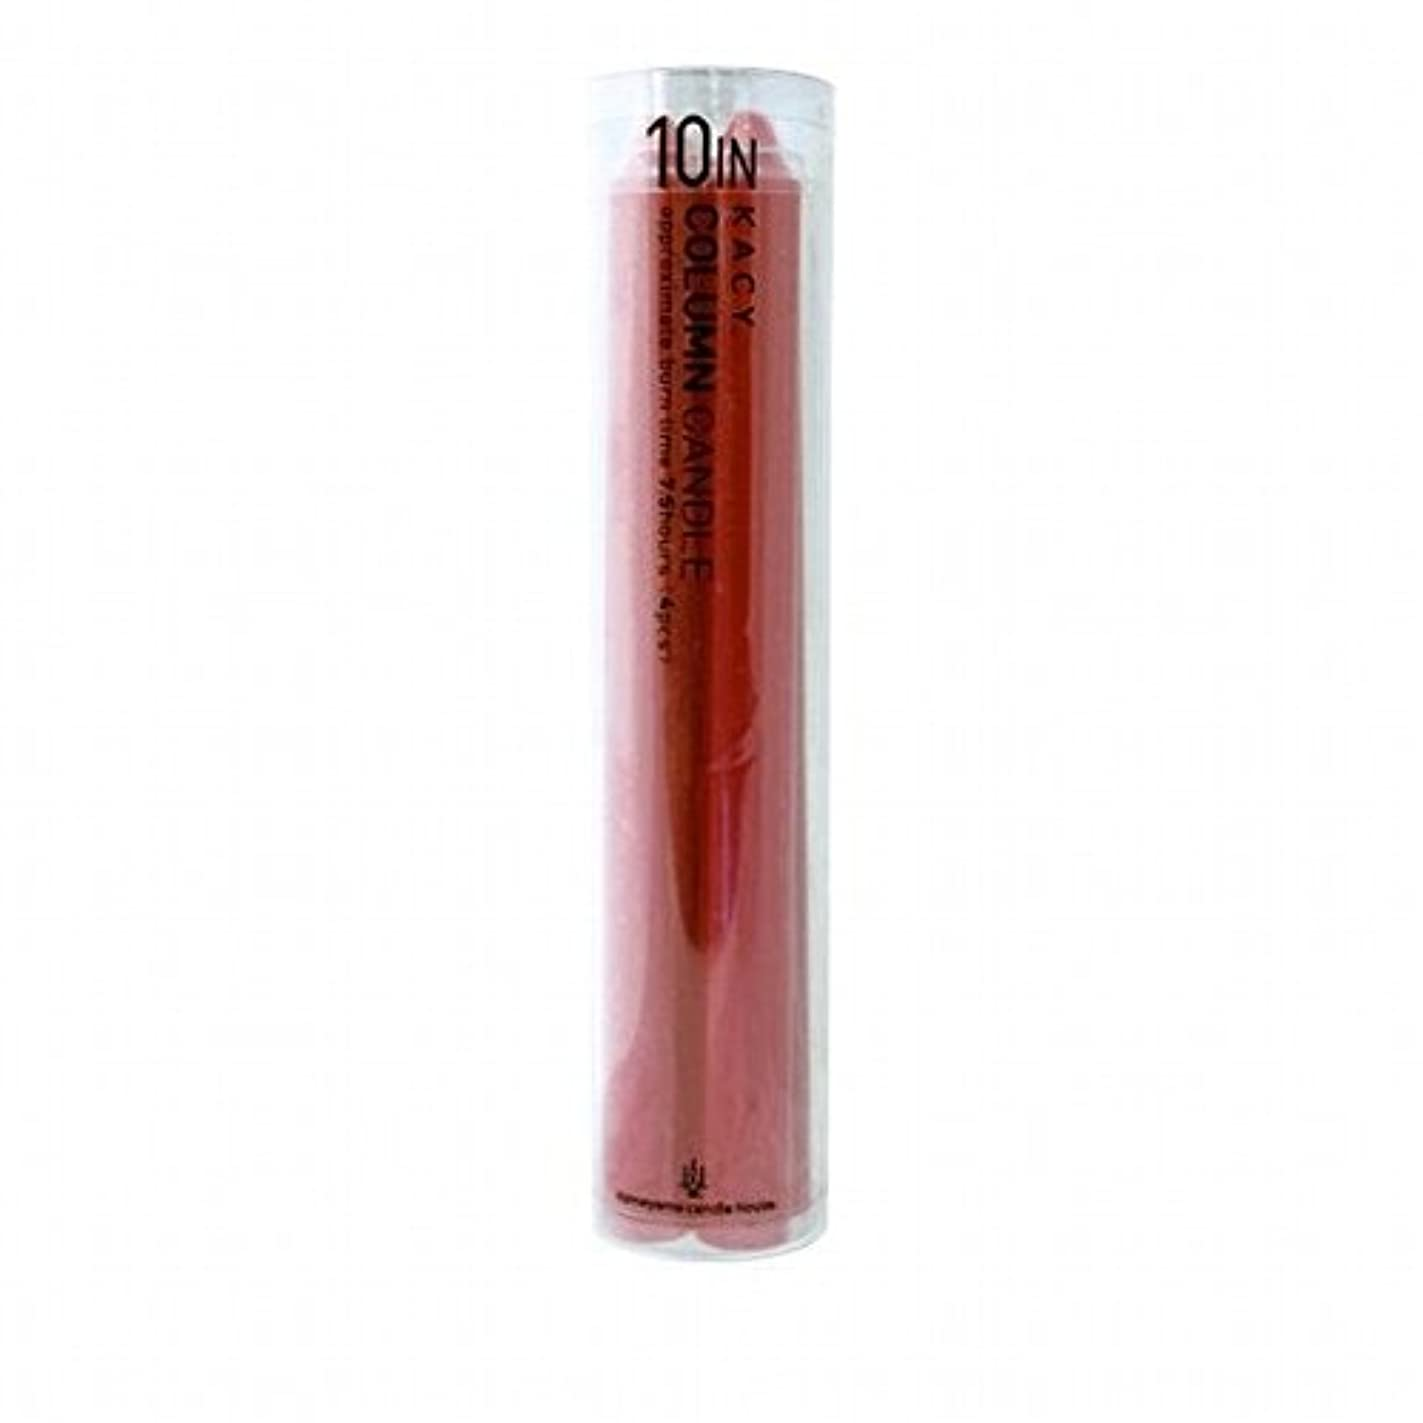 必要ない対応する世論調査kameyama candle(カメヤマキャンドル) 10インチコラムキャンドル4本入り 「 レッド 」(A9123100R)